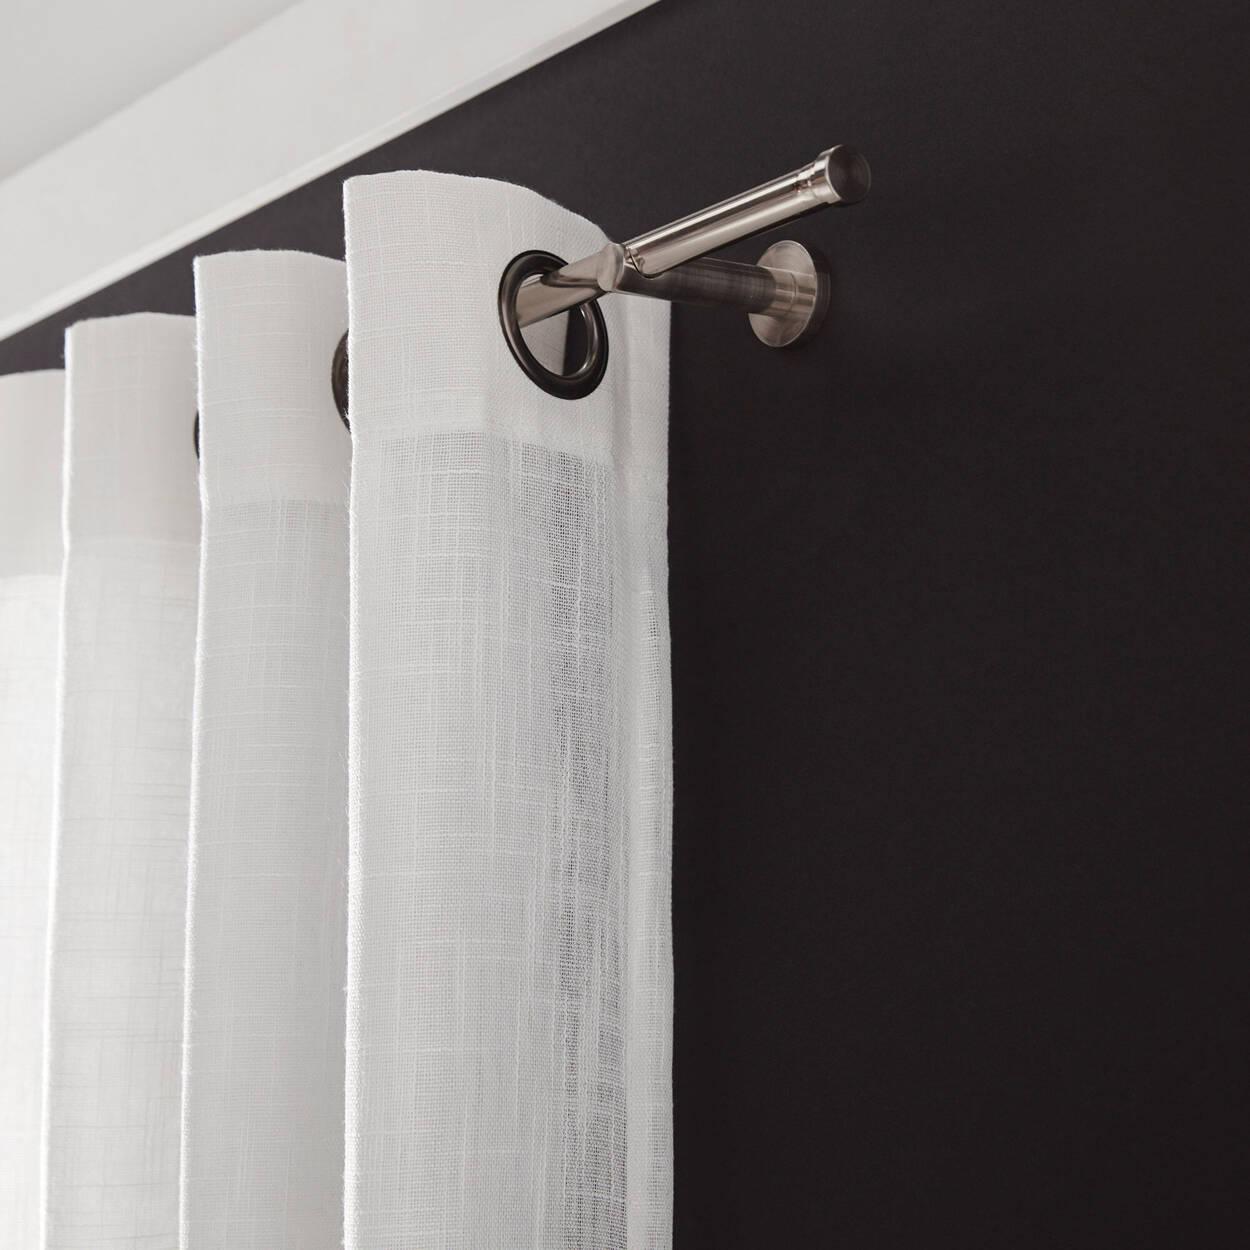 Ensemble de tringle à rideaux Savoy en nickel brossé- Diamètre 16/19 mm